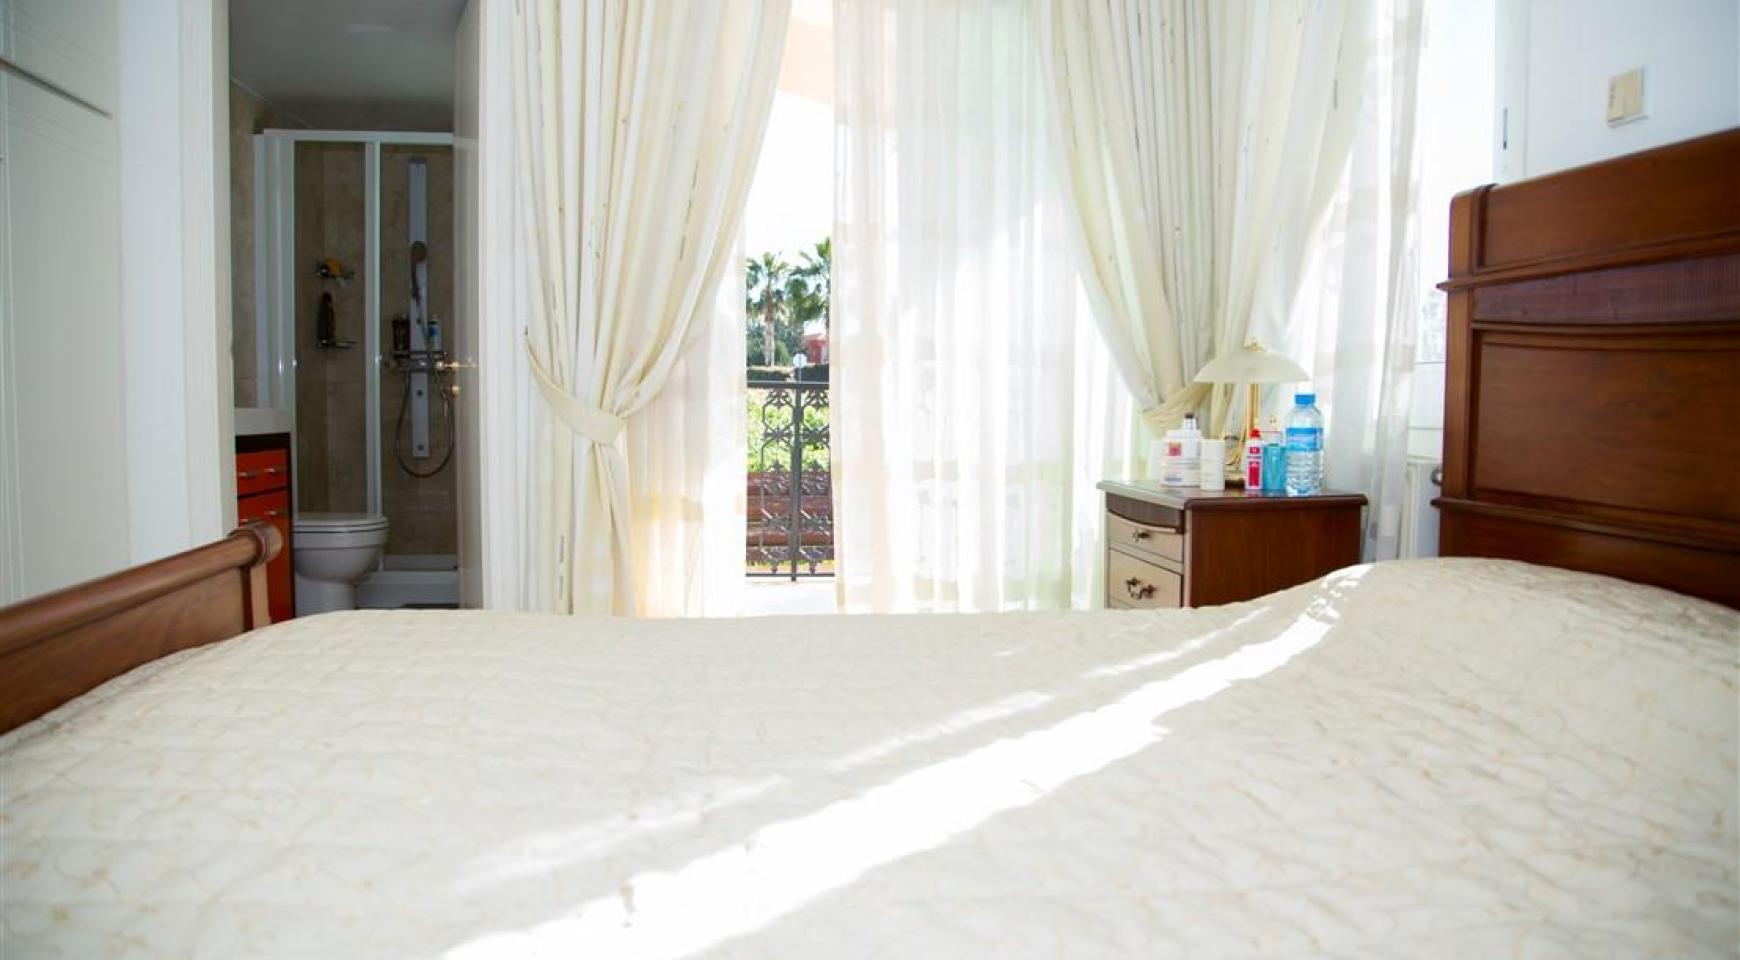 Spacious 5 Bedroom House in Agios Athanasios Area - 22